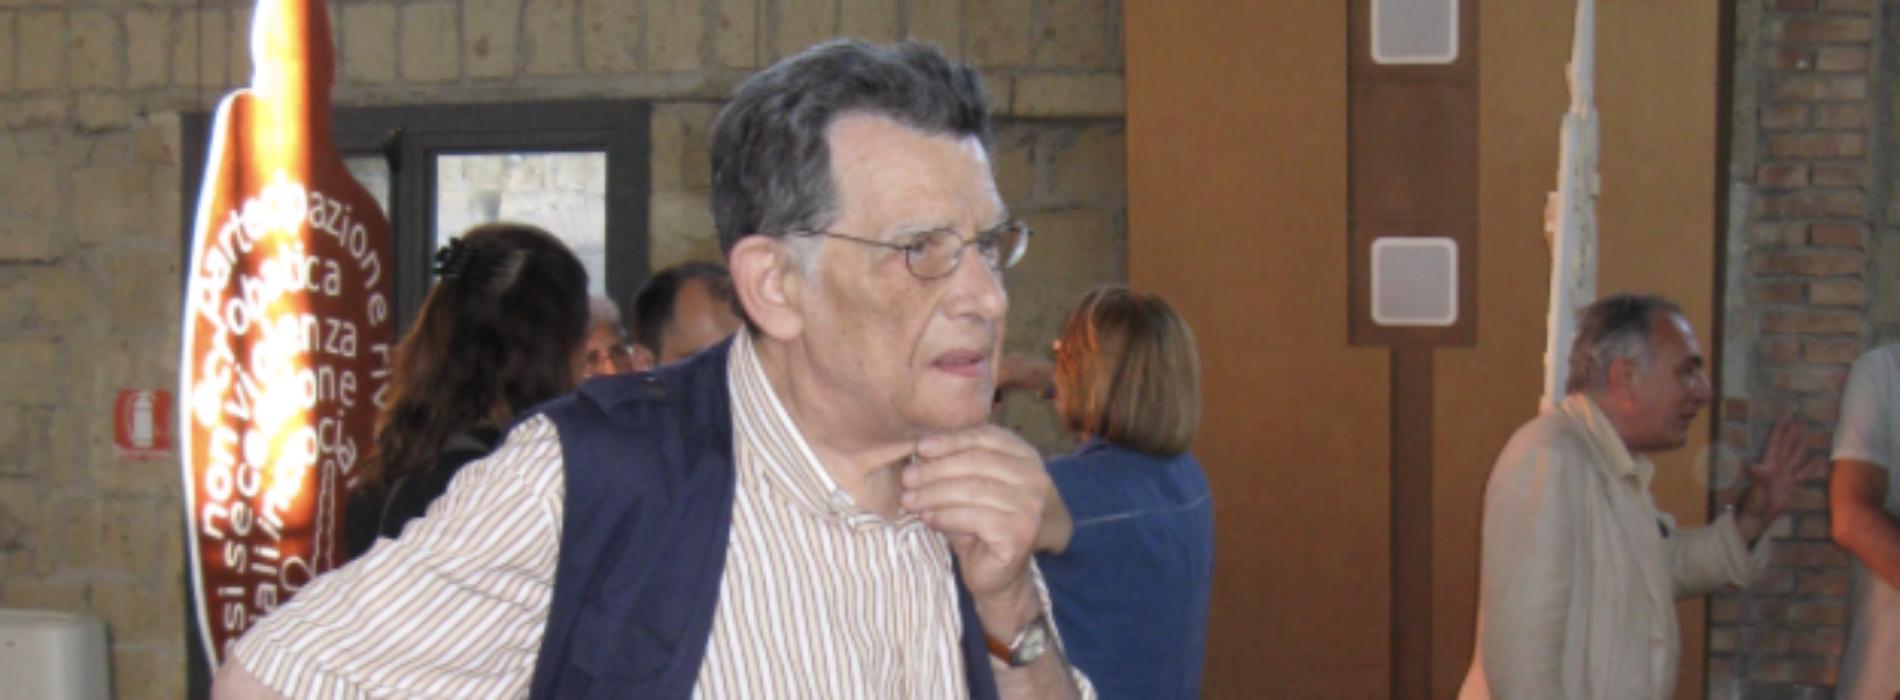 Nove anni senza Andrea Sparaco, il suo era uno studio aperto